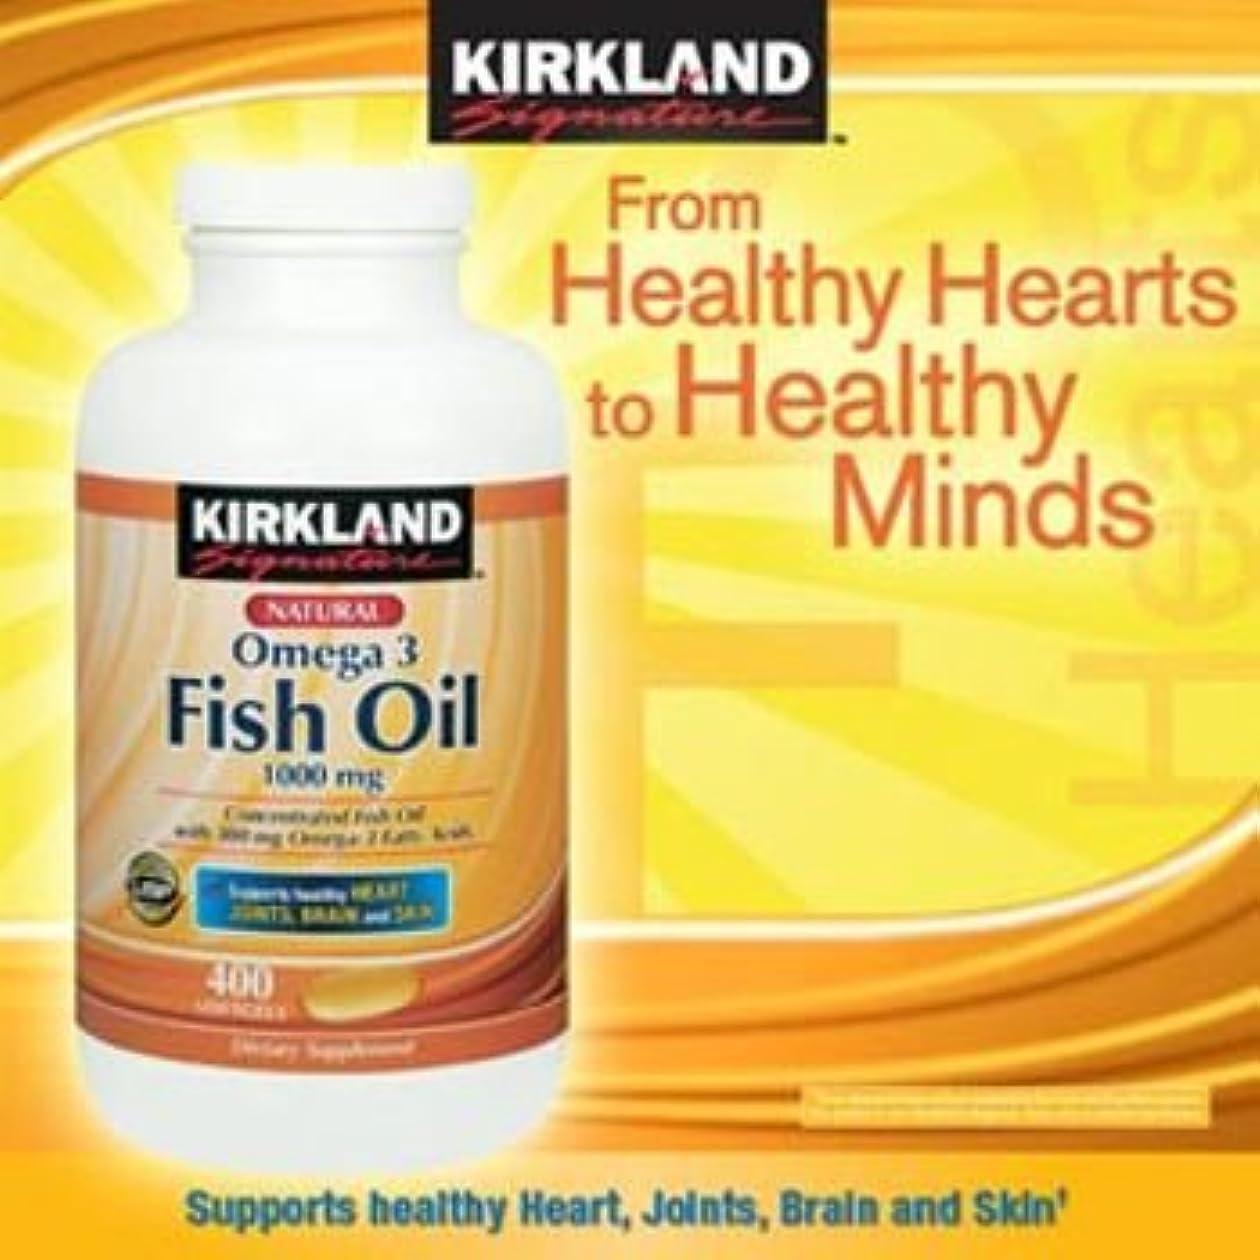 工業化する被る組KIRKLAND社 フィッシュオイル (DHA+EPA) オメガ3 1000mg 400ソフトカプセル 3本 [並行輸入品] [海外直送品] 3 Bottles of KIRKLAND's Fish Oil (DHA +...